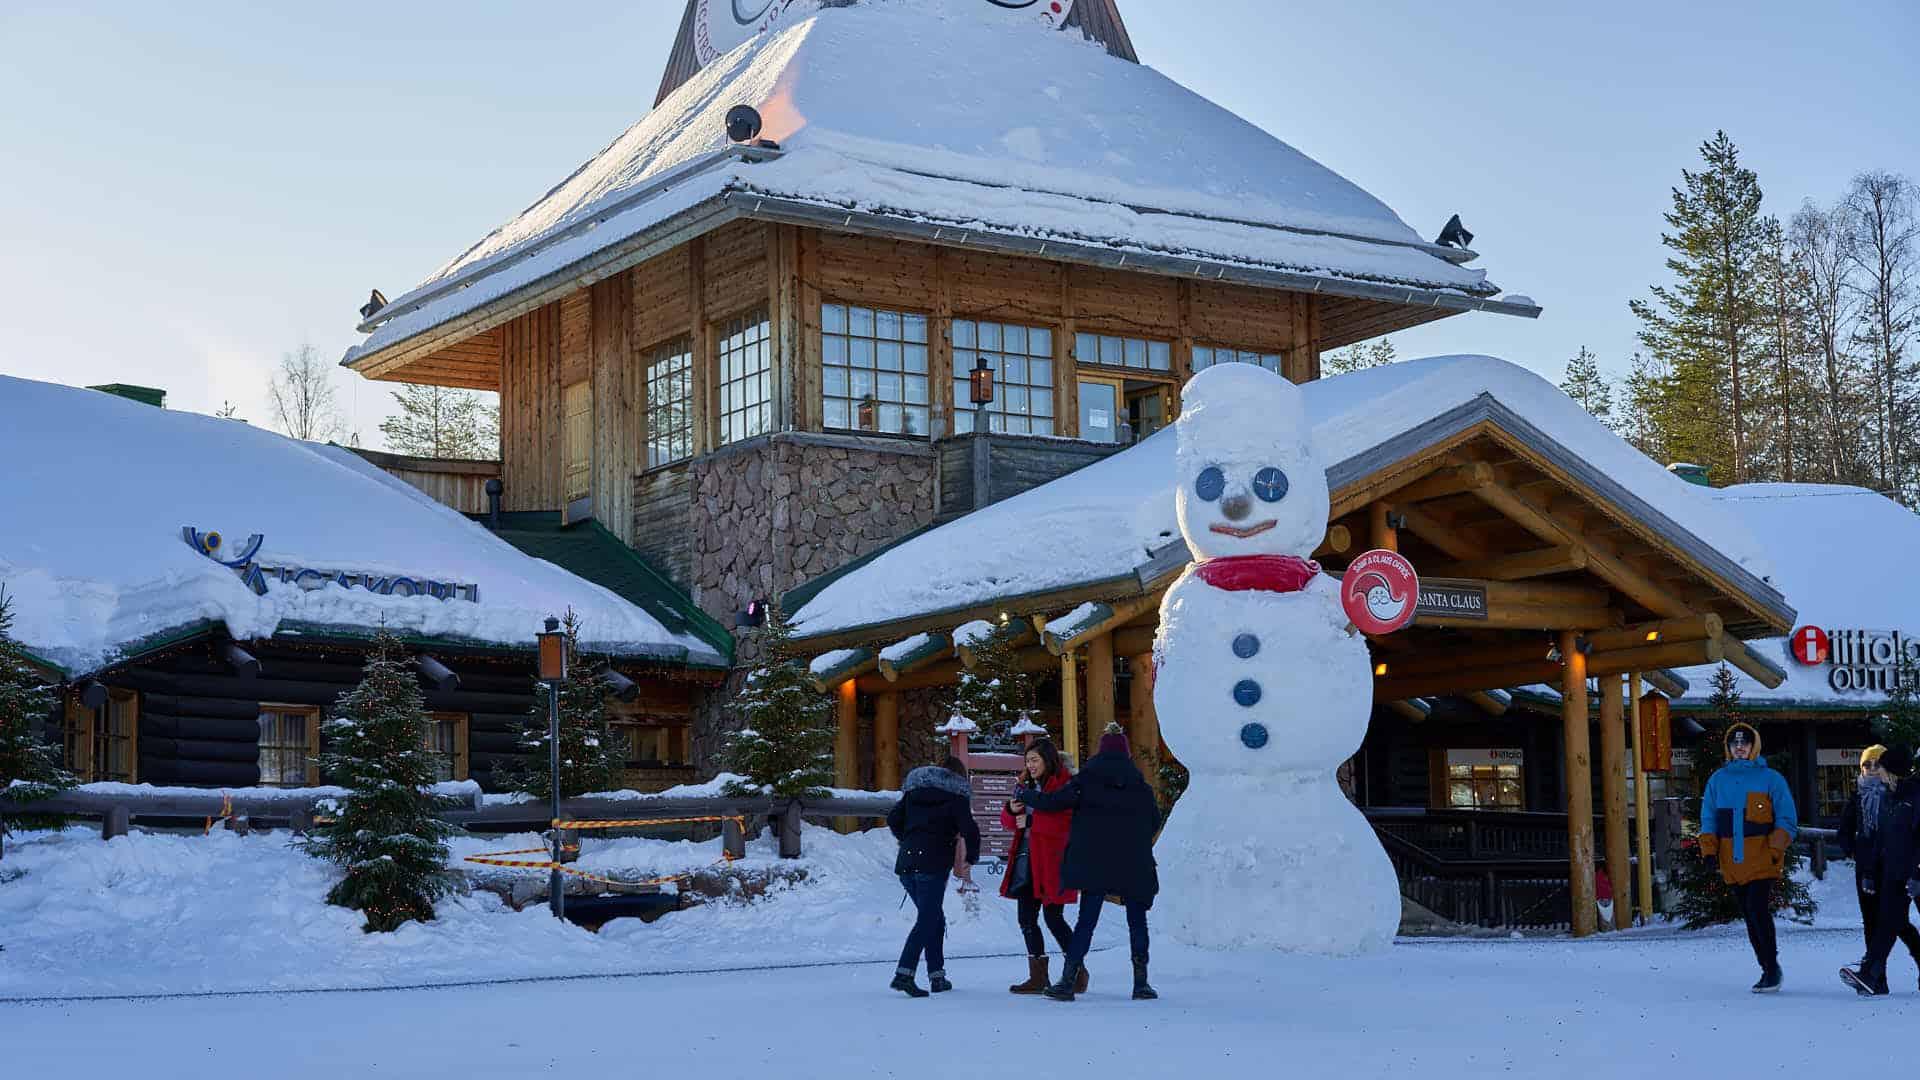 Giant snowman in the Santa Claus Village in Rovaniemi